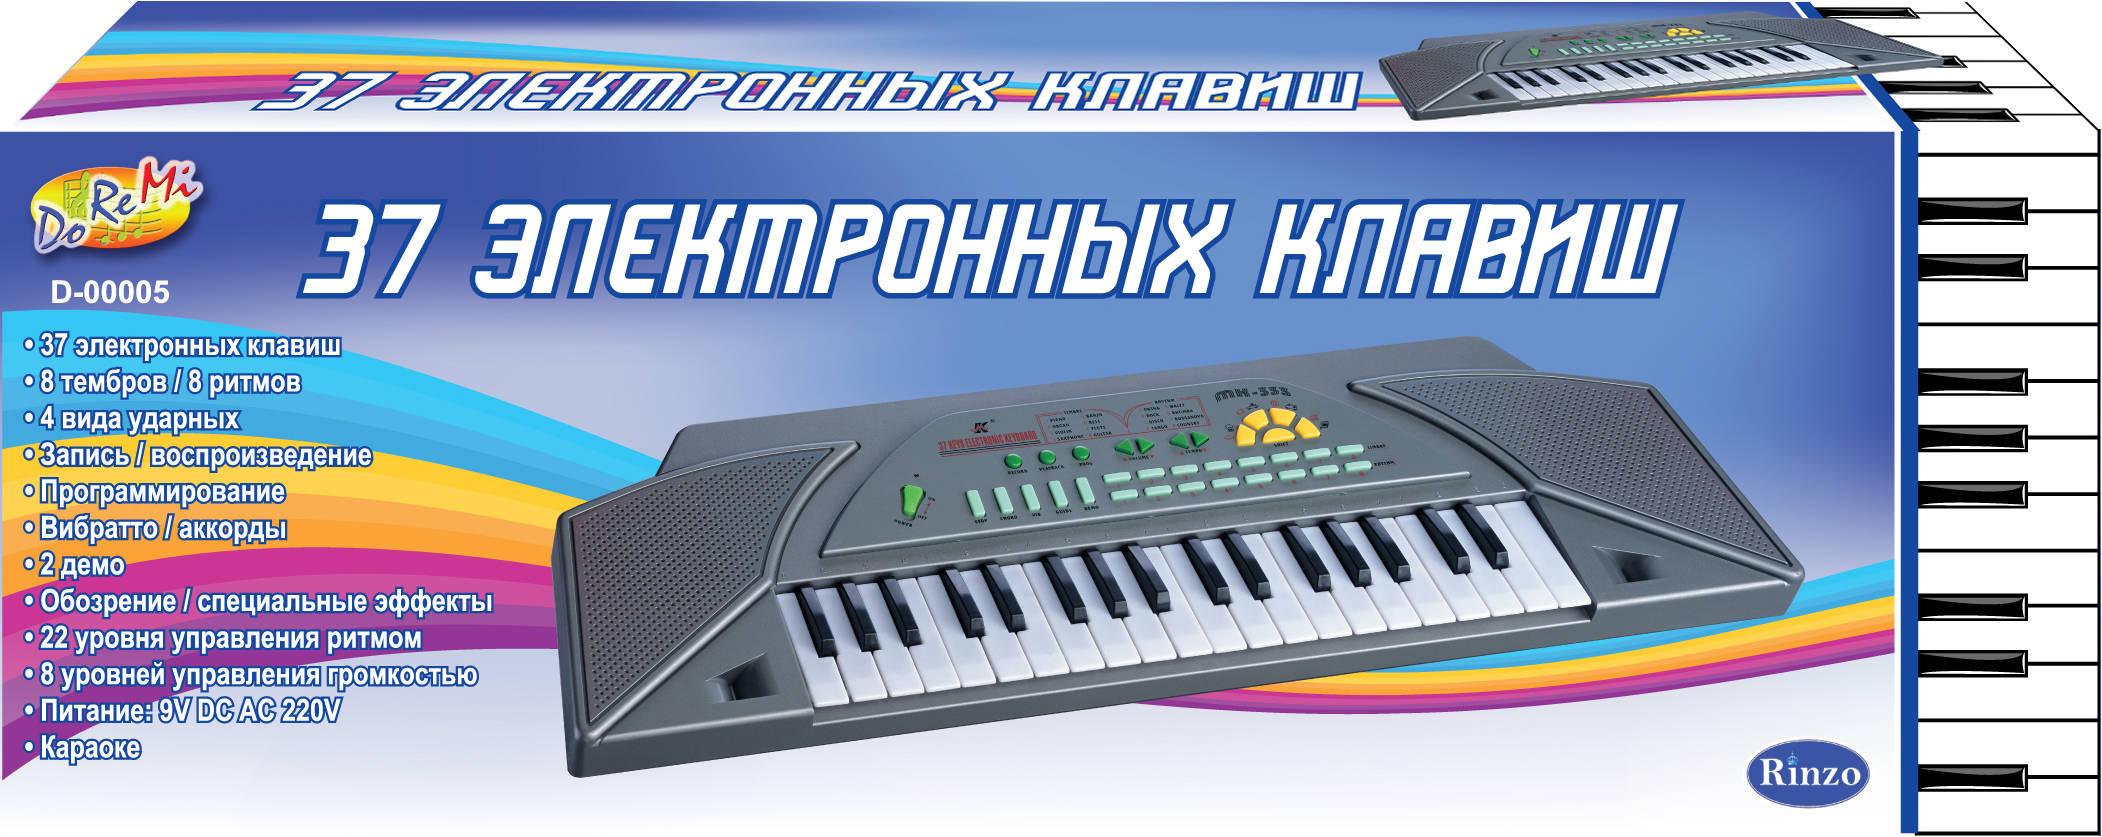 Детский синтезатор DoReMi с караокеСинтезаторы и пианино<br>Детский синтезатор DoReMi с караоке<br>